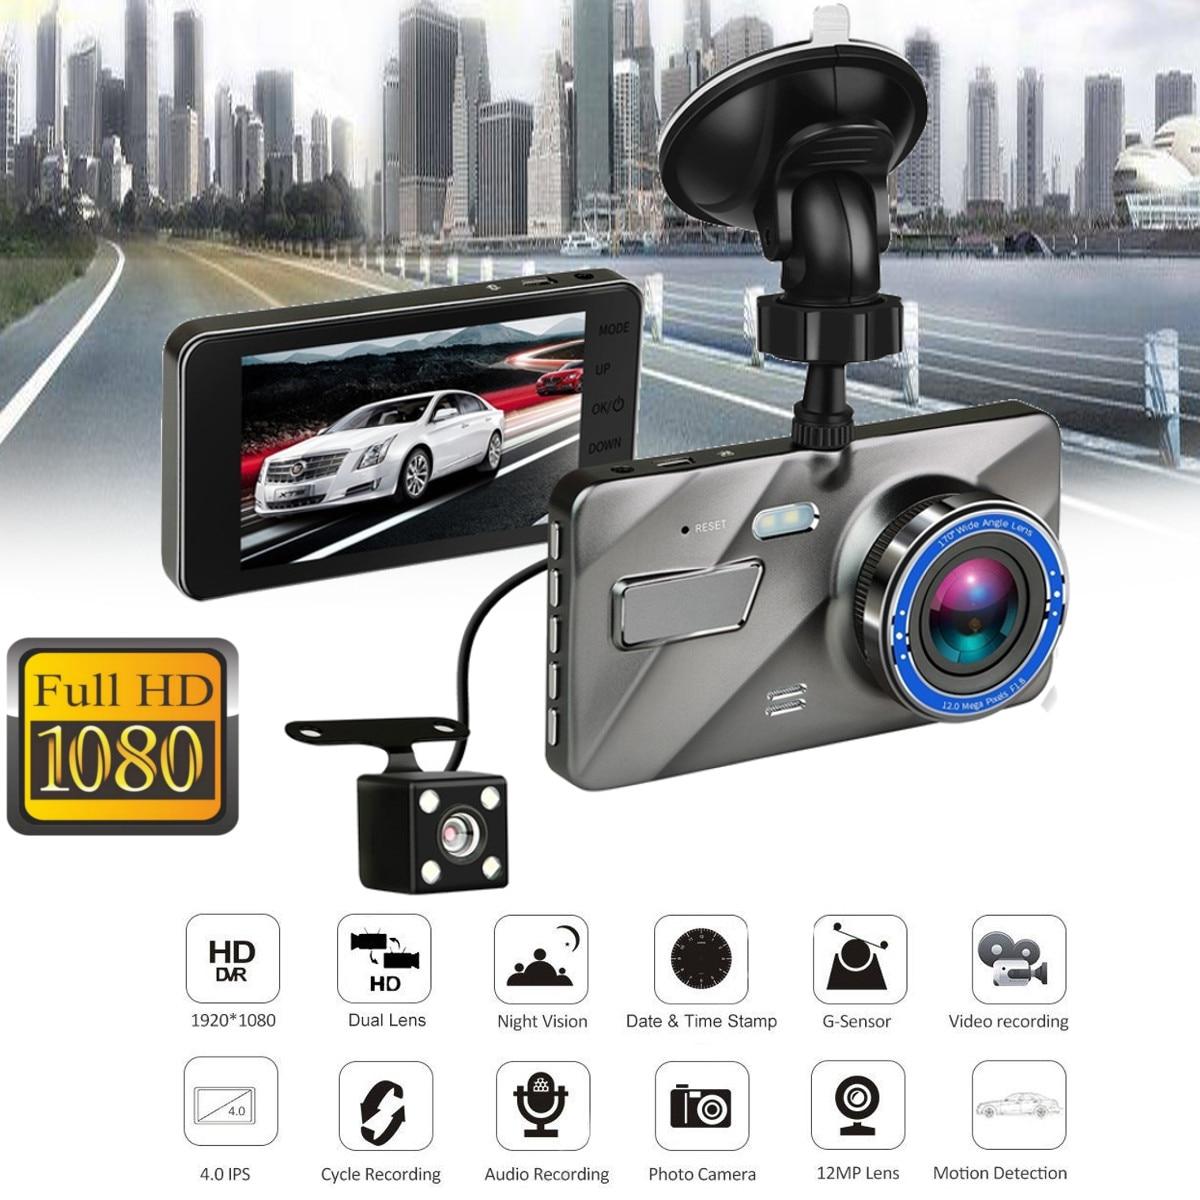 Видеорегистратор, новый видеорегистратор с двумя объективами, Full HD 1080 P, 4 ips, переднее + заднее синее зеркало, ночное видение, видео регистратор, парковочный монитор